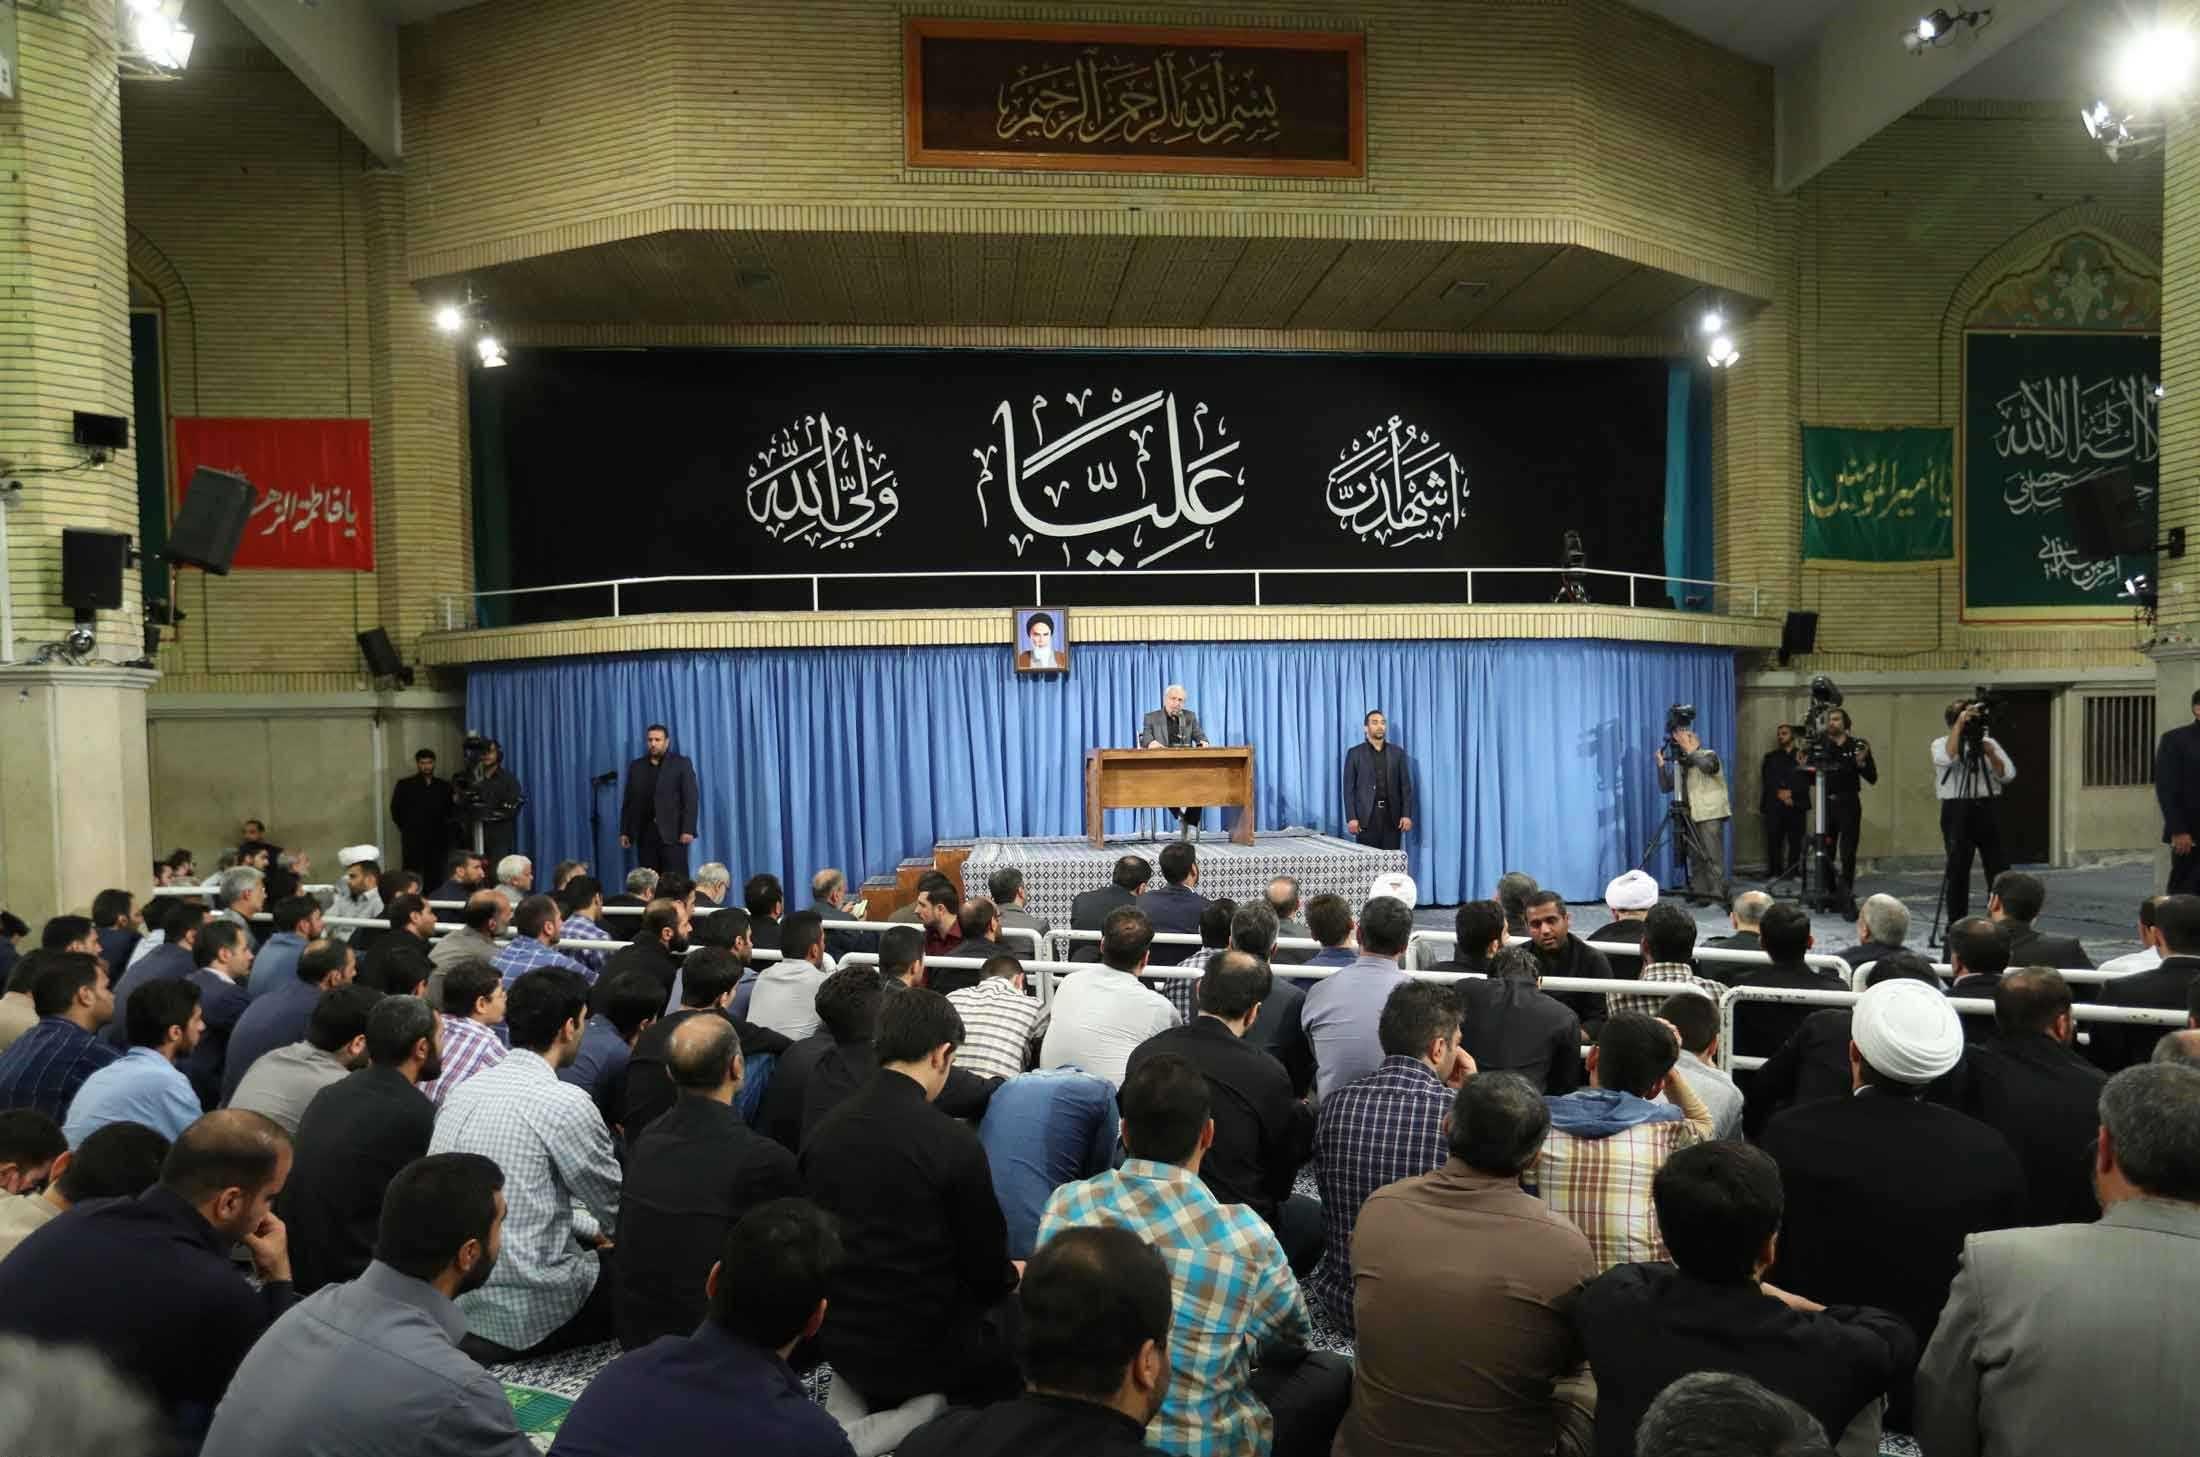 تصاویر | مراسم سوگواری امام علی(ع) در حضور رهبر انقلاب